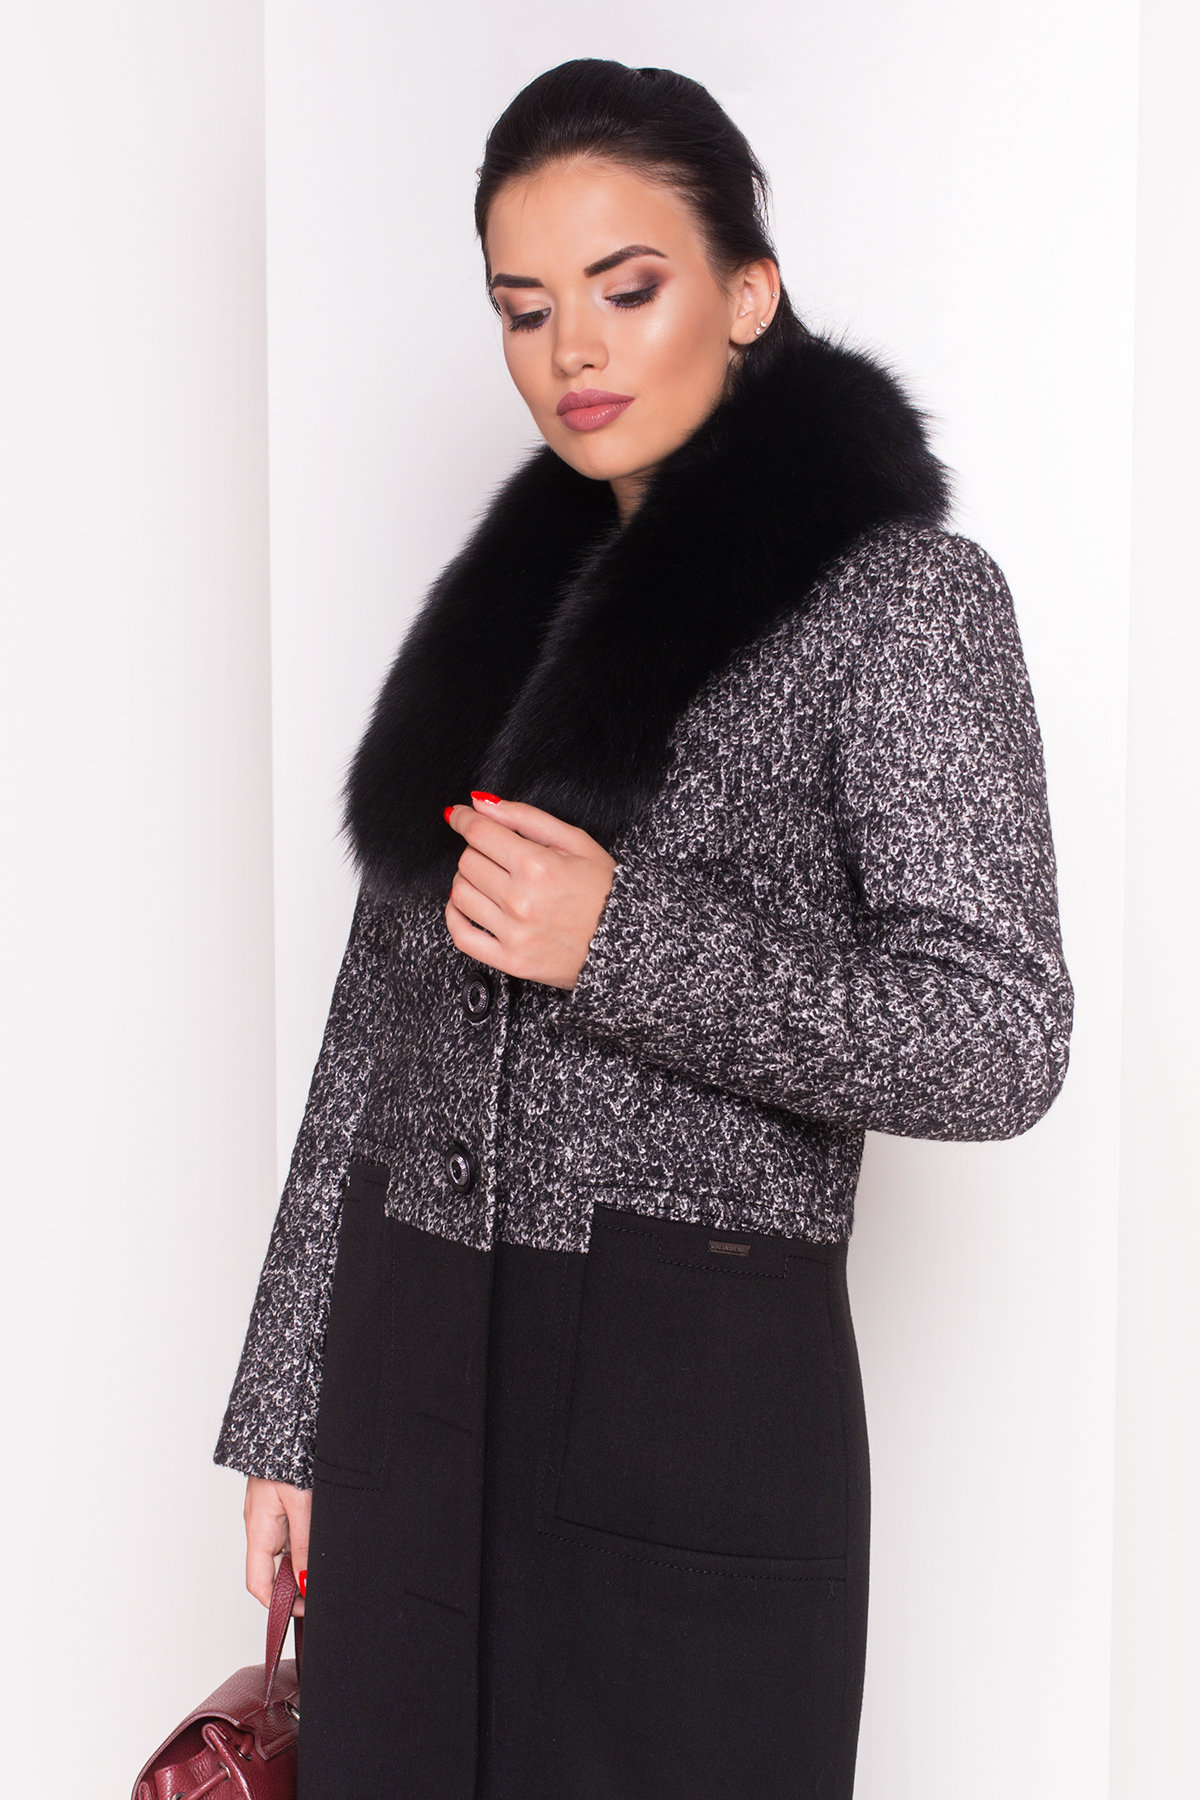 Пальто зима Мальта 0648 АРТ. 7363 Цвет: Чёрно-серый / Черный - фото 3, интернет магазин tm-modus.ru